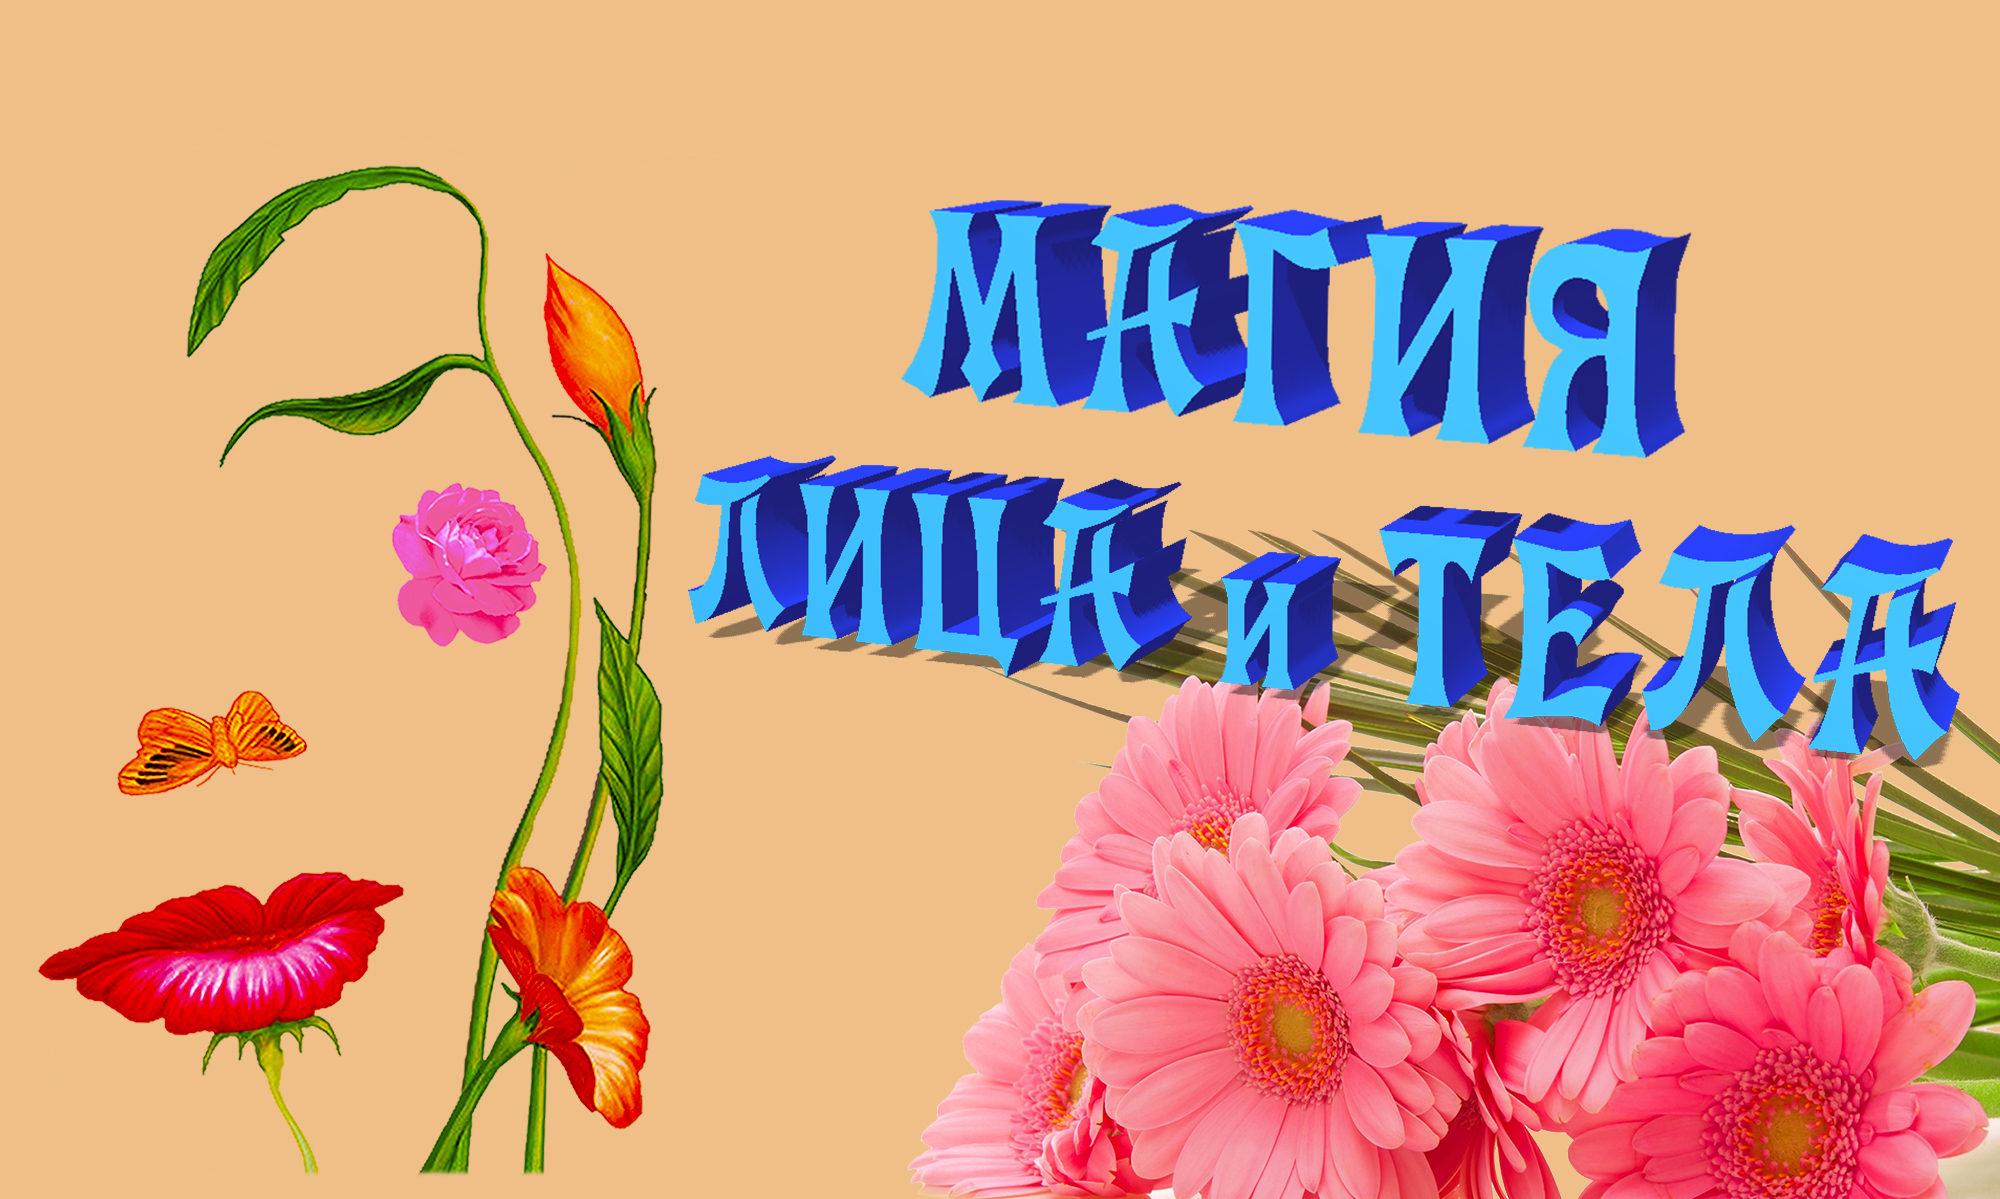 МАГИЯ ЛИЦА и ТЕЛА. Здоровье Киров